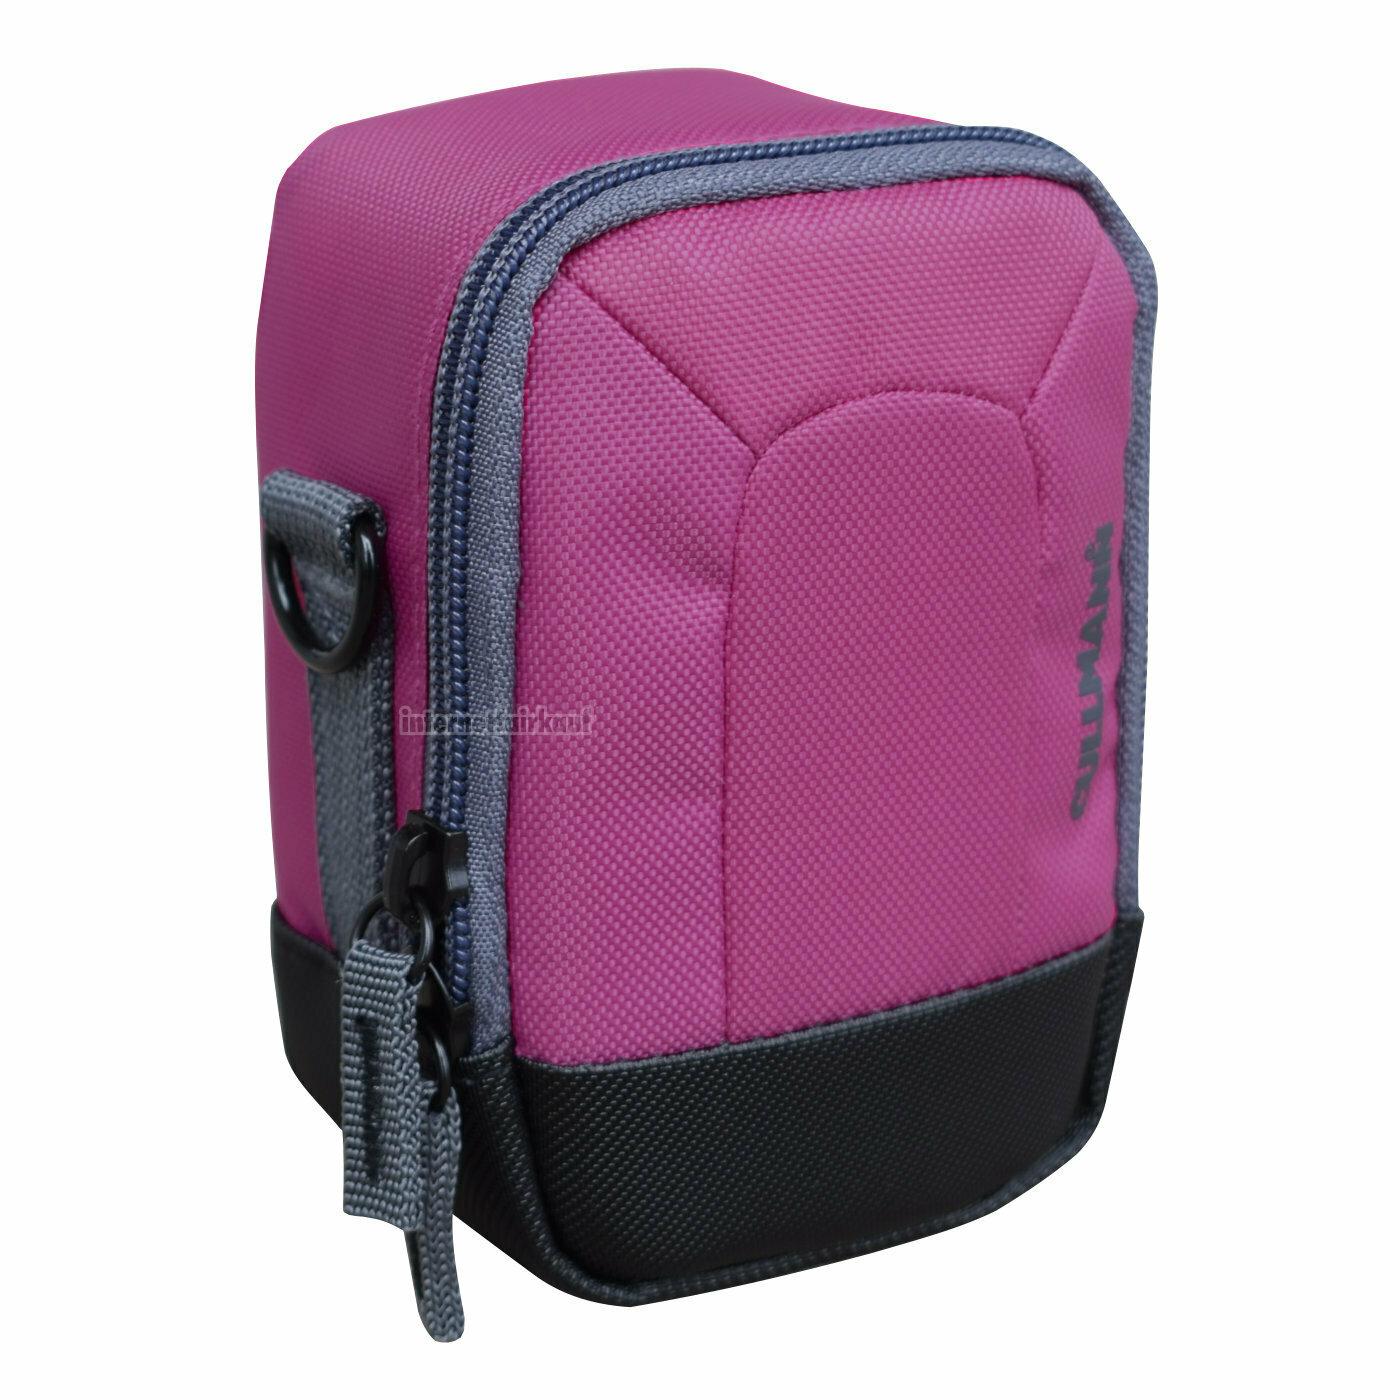 Kameratasche purple passend für Nikon Coolpix S9900 - Fototasche